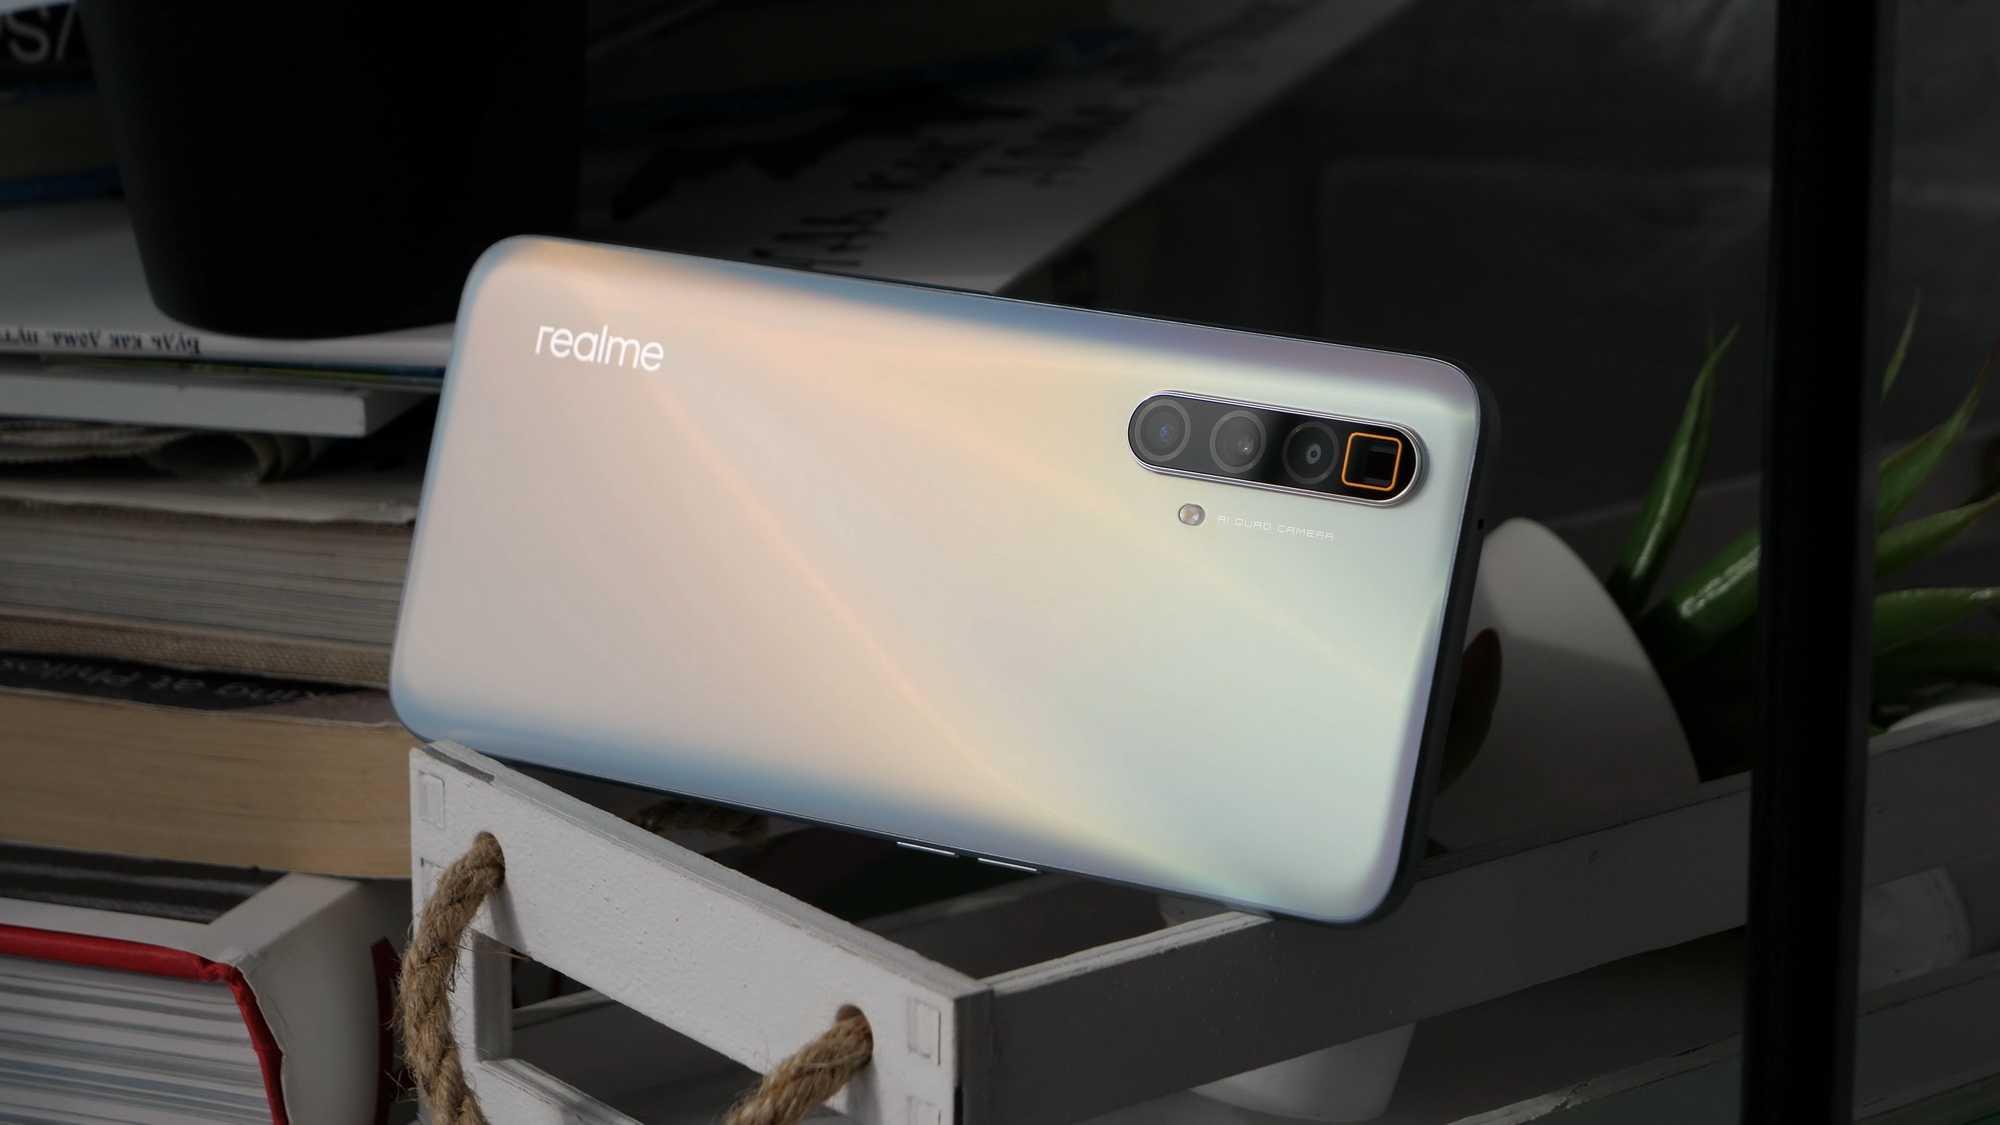 Буквально за день до выхода «нашумевшего» флагманского смартфона серии Realme X3 SuperZoom в сеть попали сведения на предмет характеристик премиального девайса